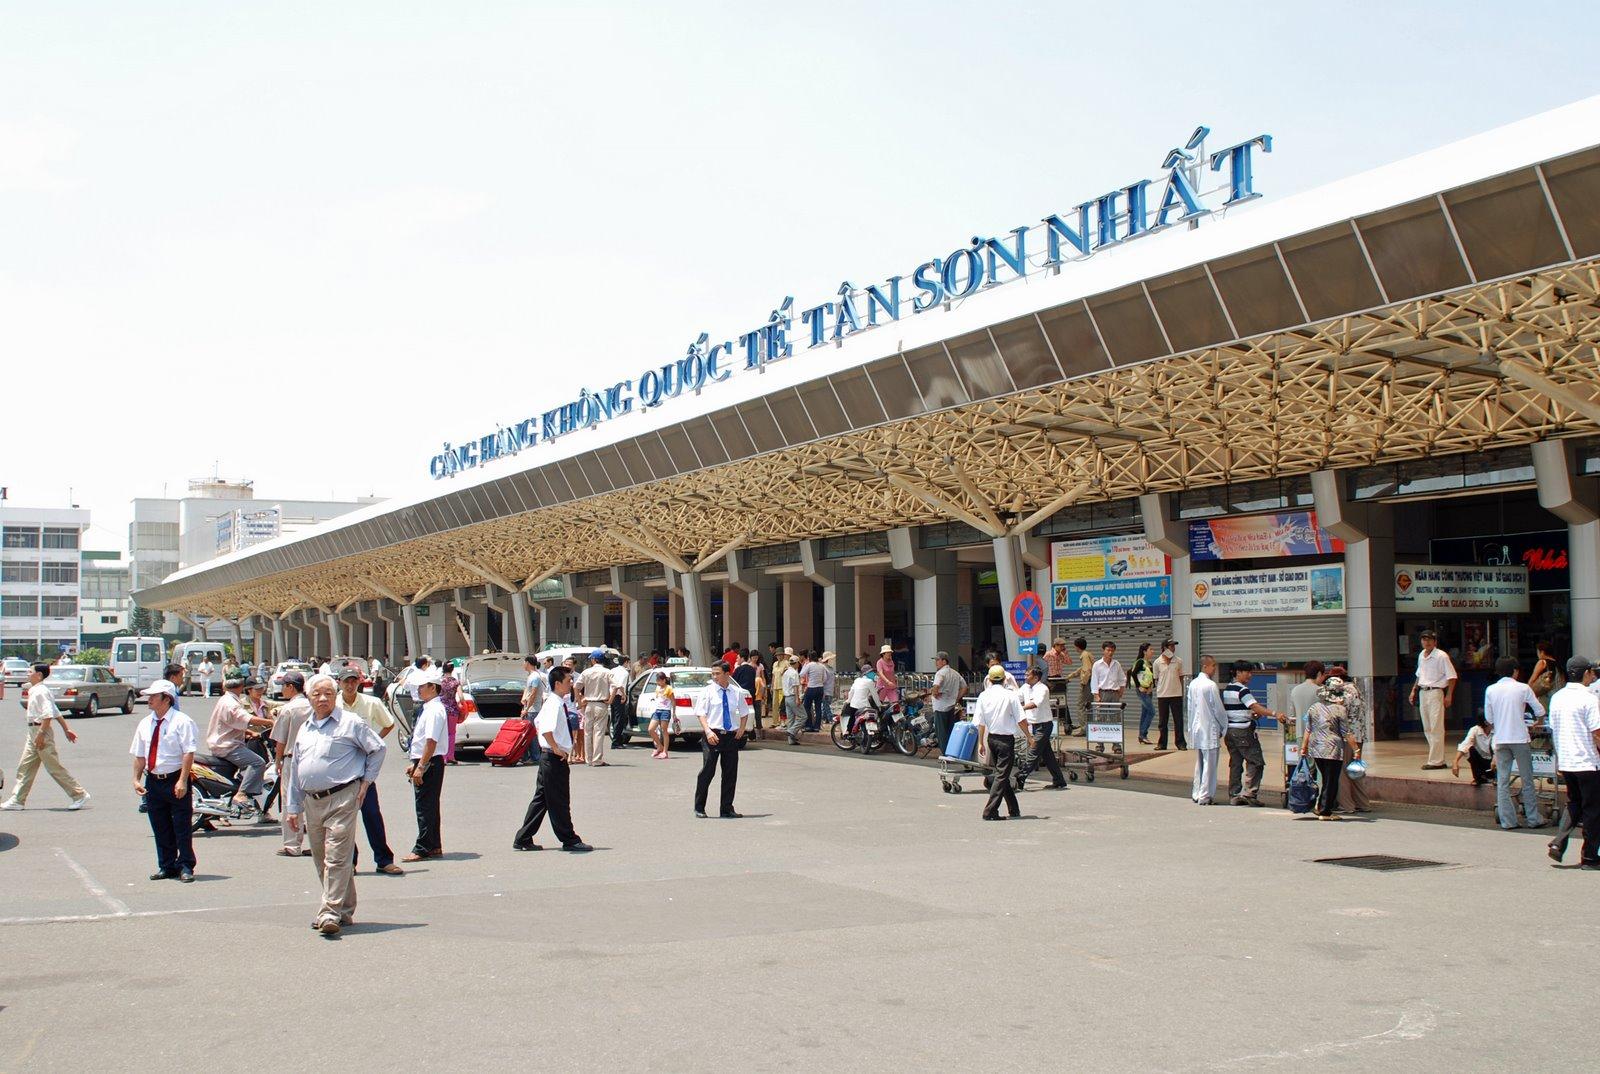 """Sân bay Hàng không """"Tân Sơn Nhất"""" ở Việt Nam được xếp vào hạng """"Trộm Cắp Nhất"""" thế giới"""